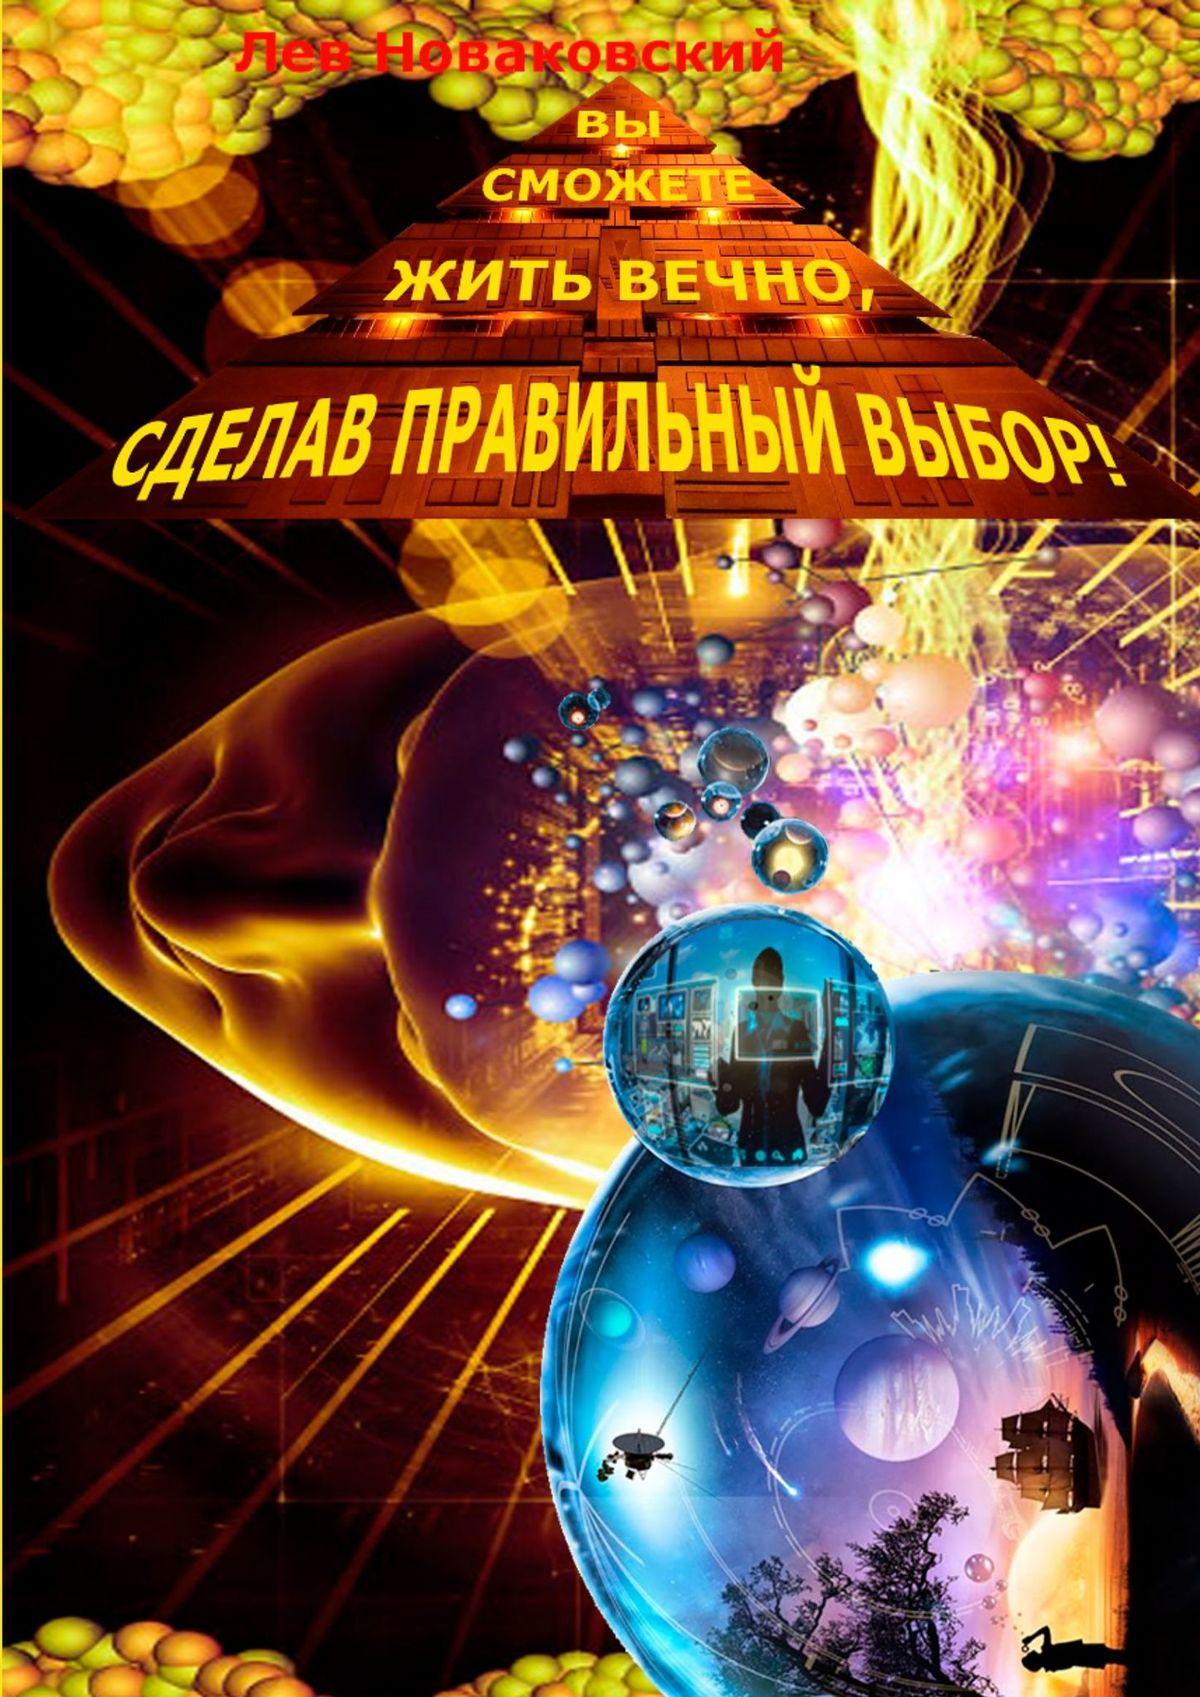 Лев Новаковский - Вы сможете жить вечно, сделав правильный выбор!